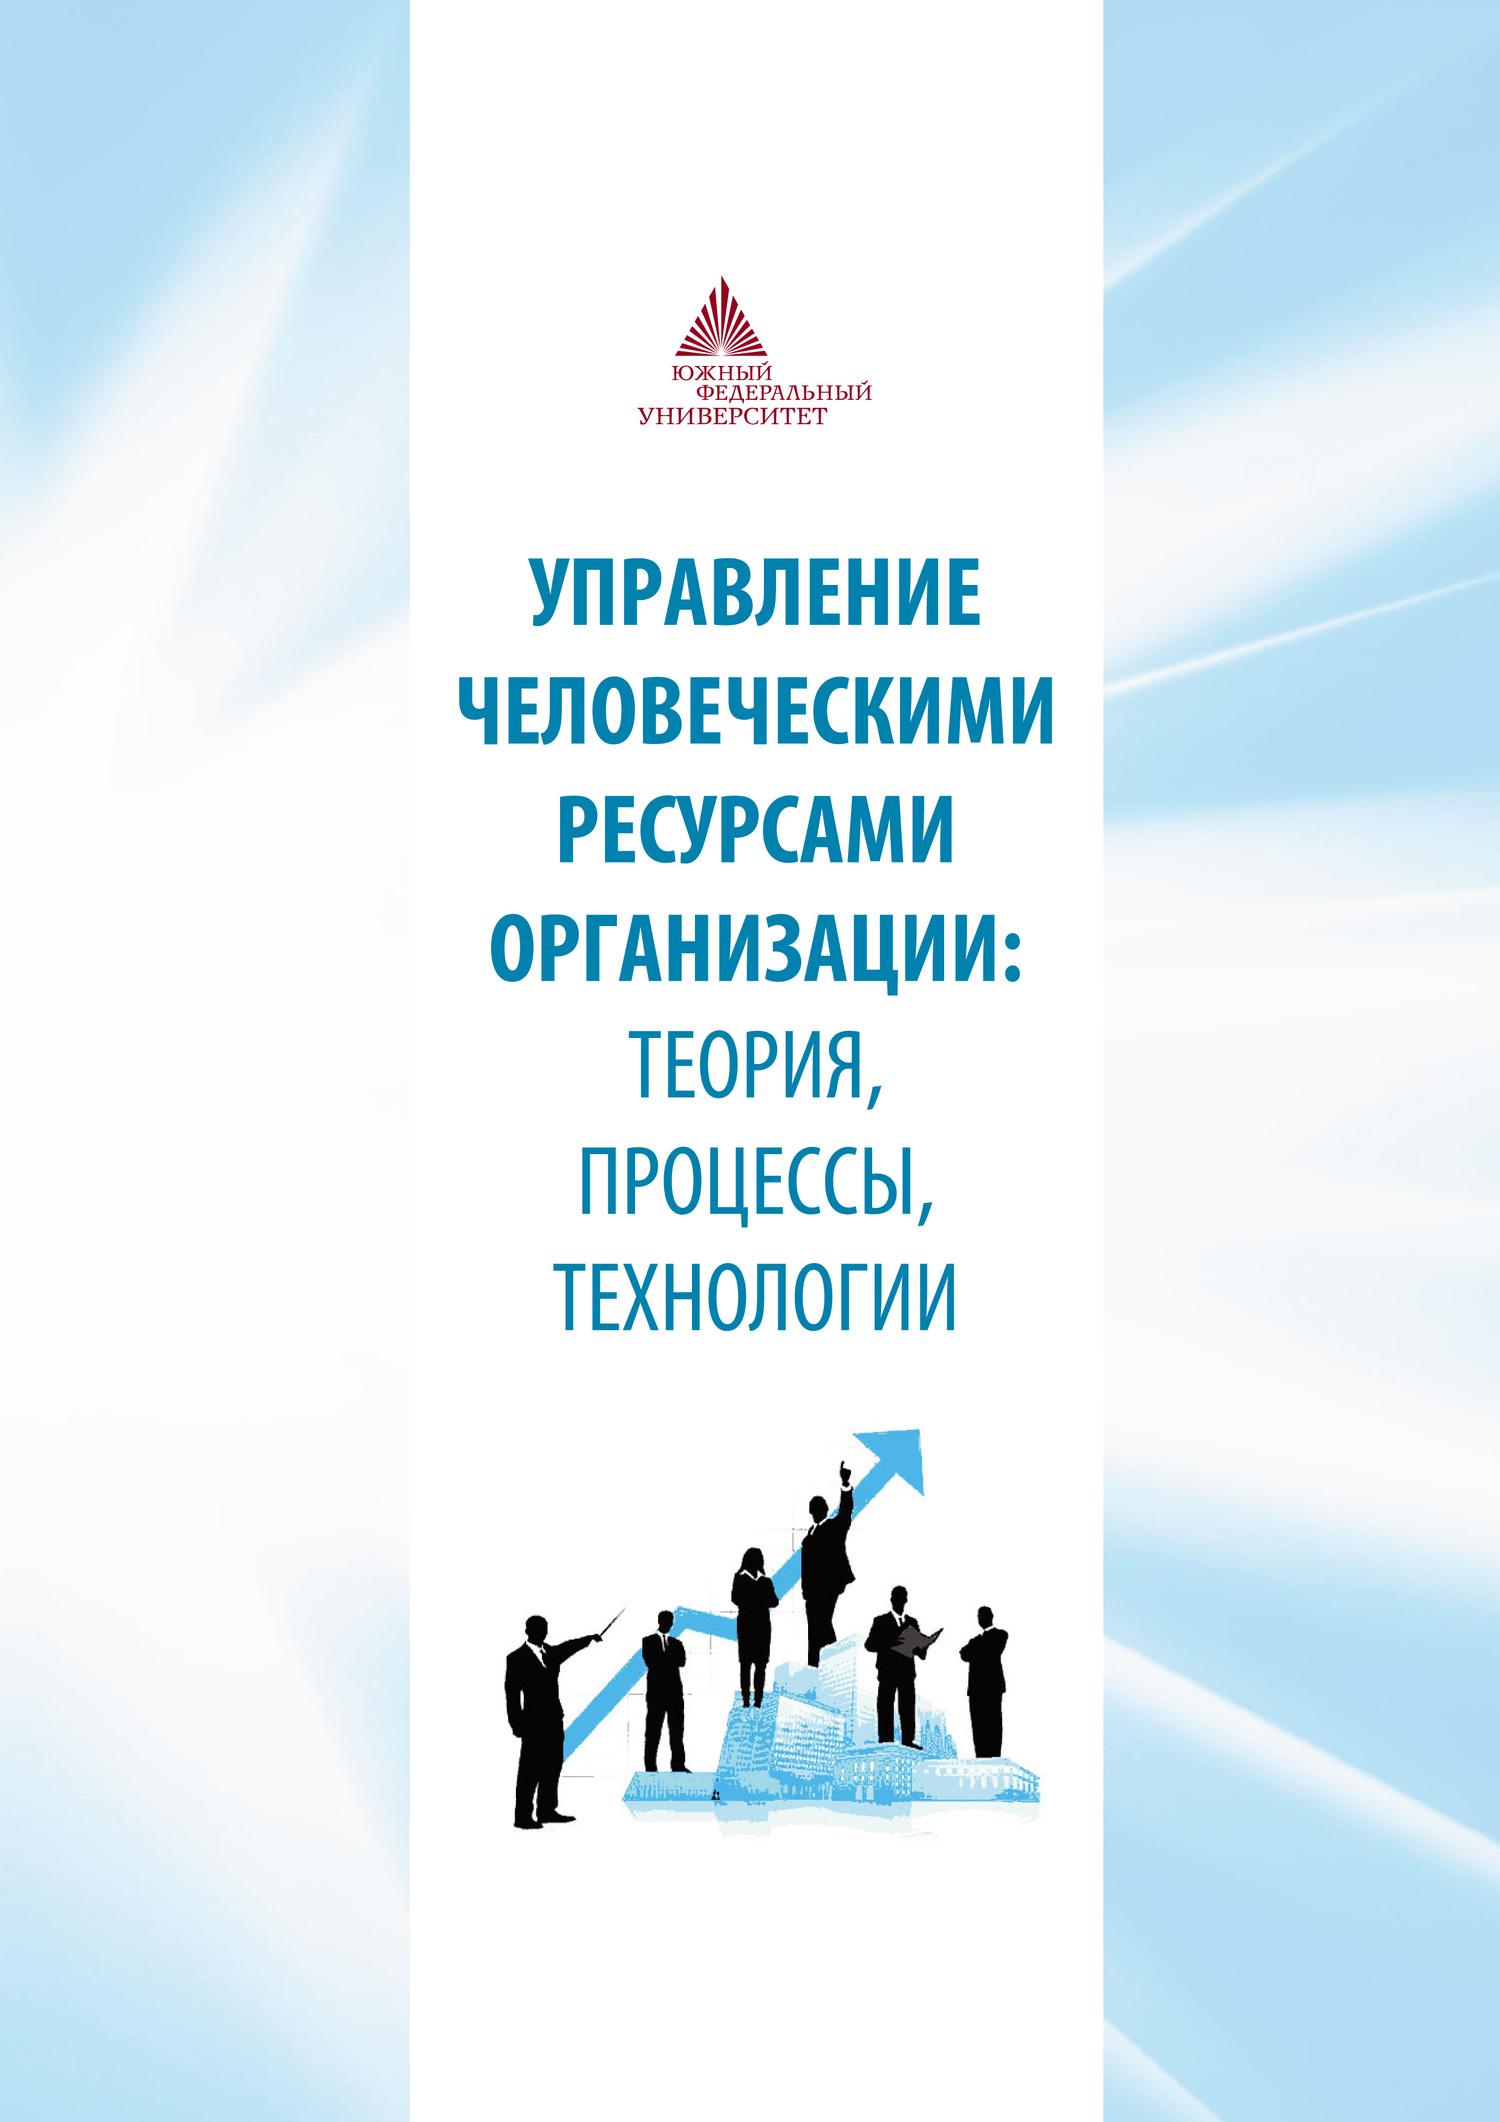 Коллектив авторов Управление человеческими ресурсами организации: теория, процессы, технологии